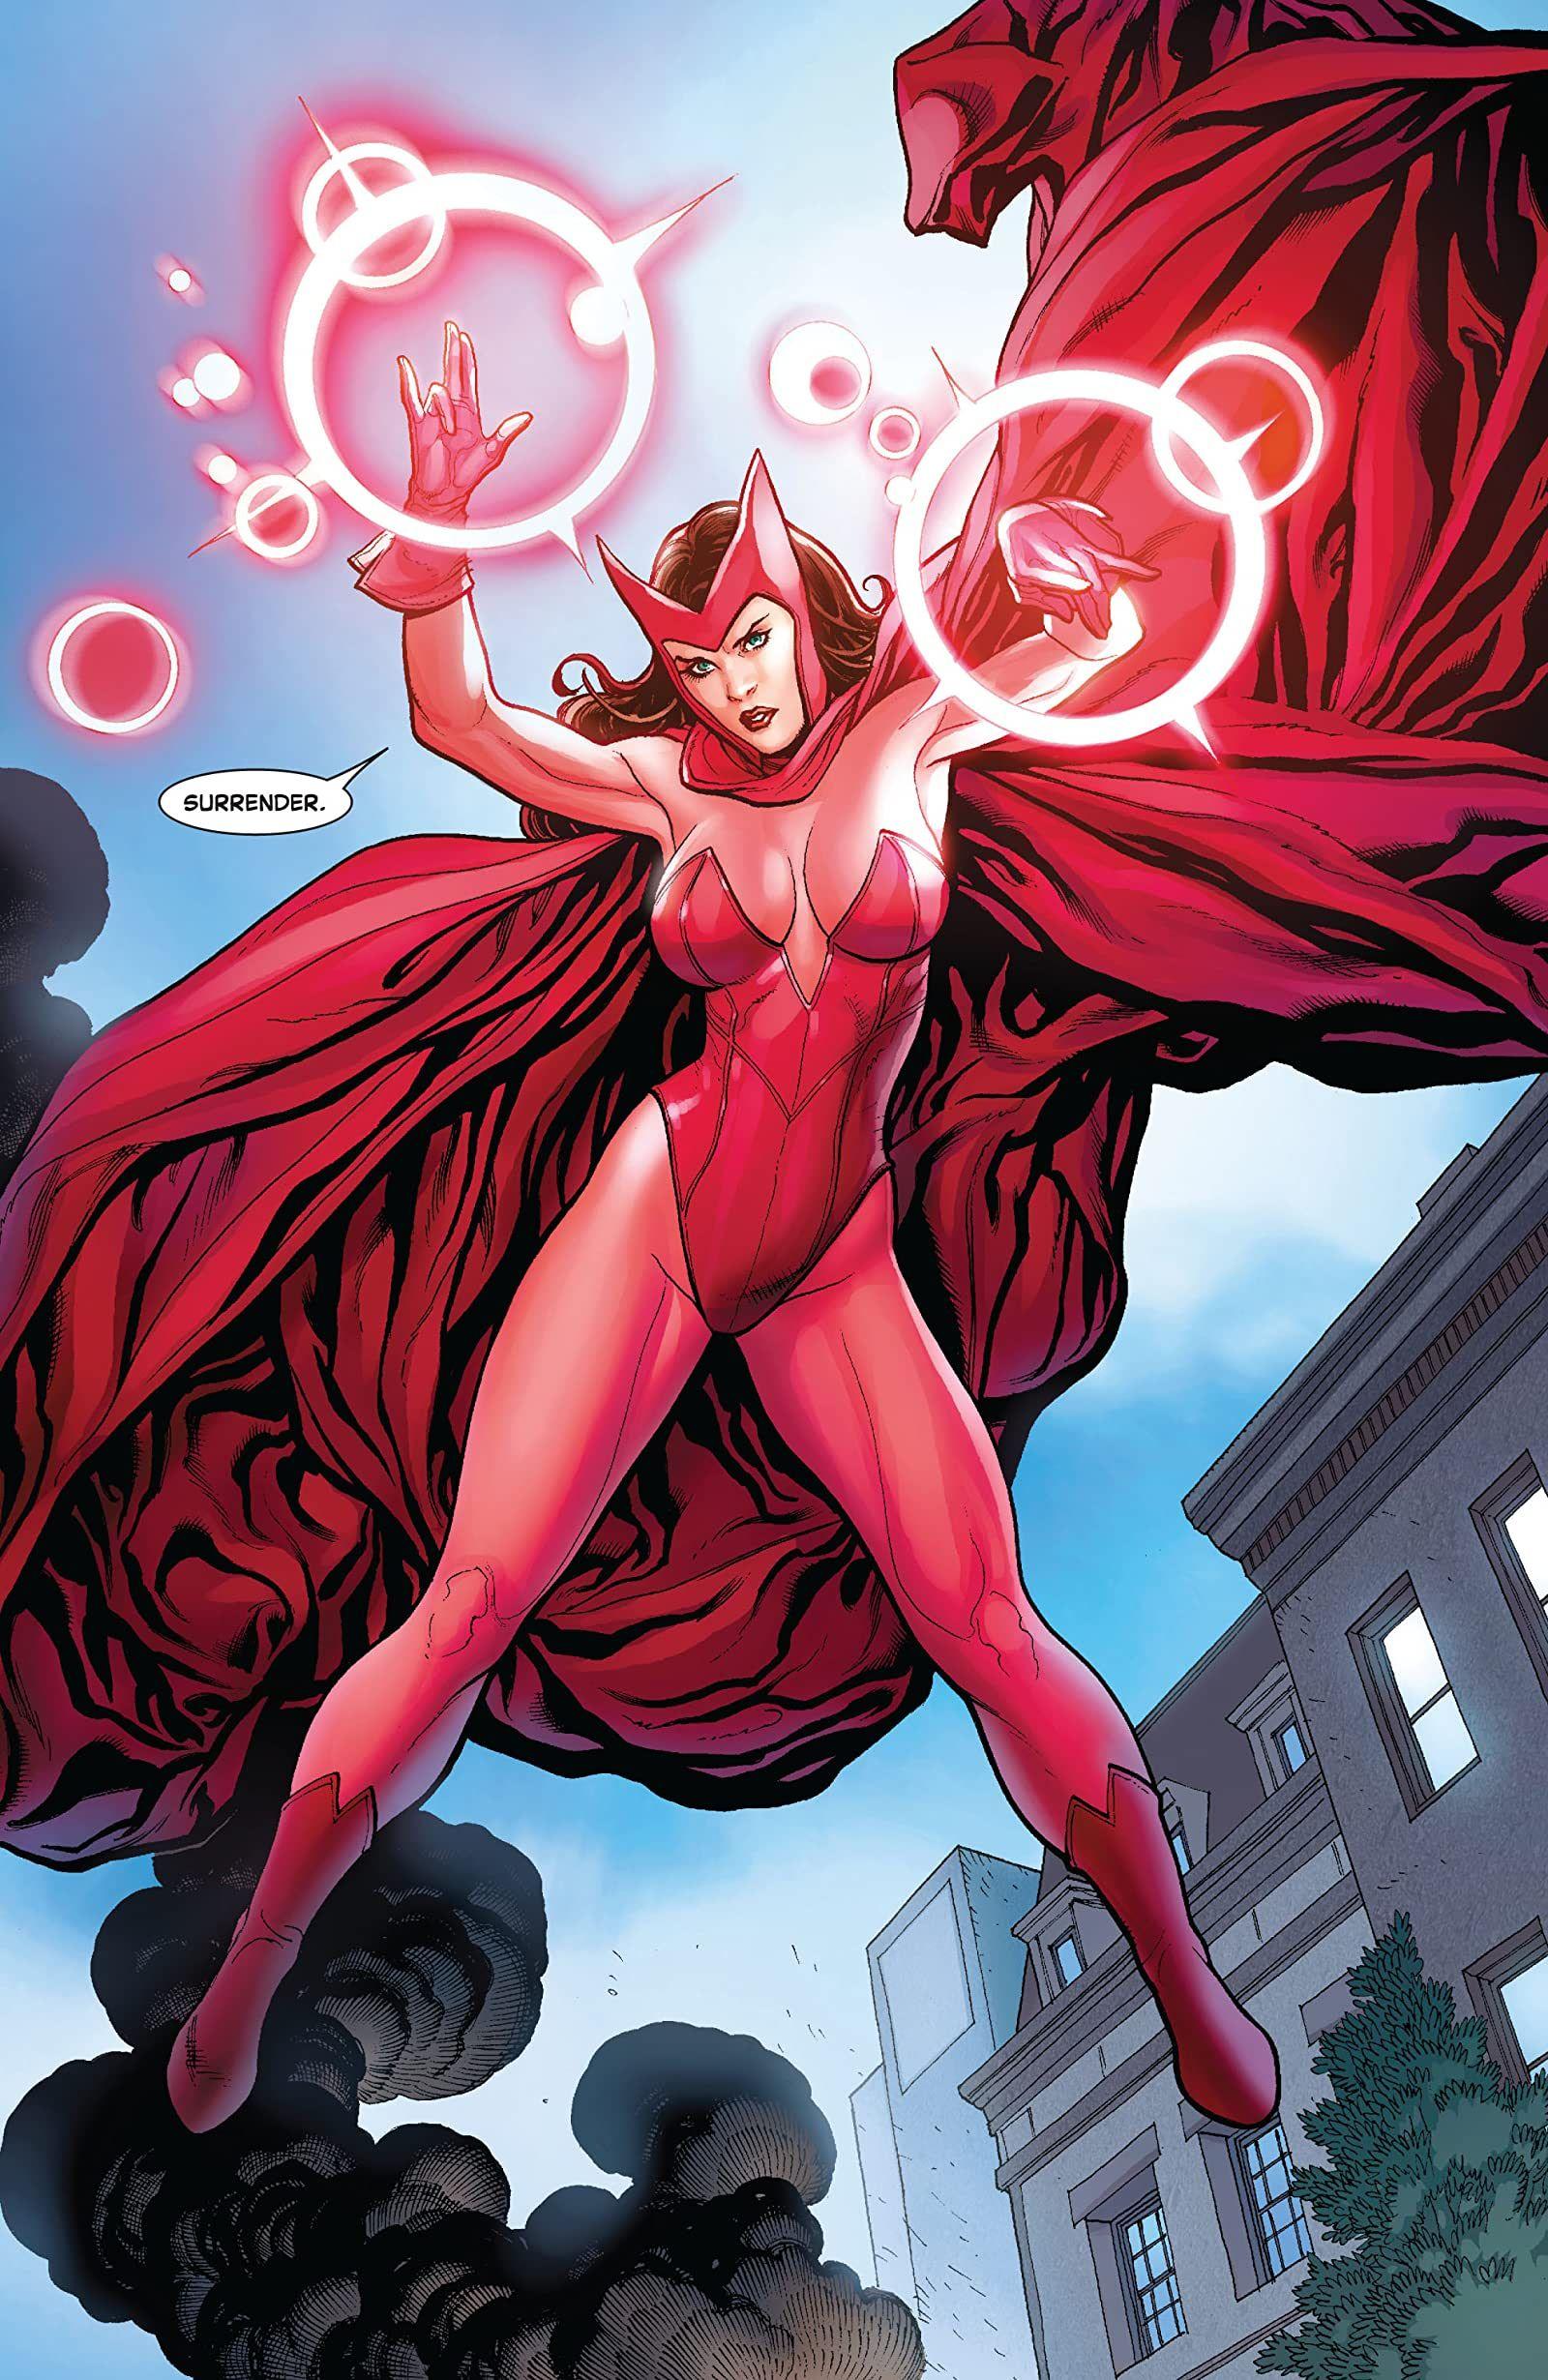 Avengers Vs X Men 0 Of 12 In 2020 Marvel Girls Ghost Rider Marvel Avengers